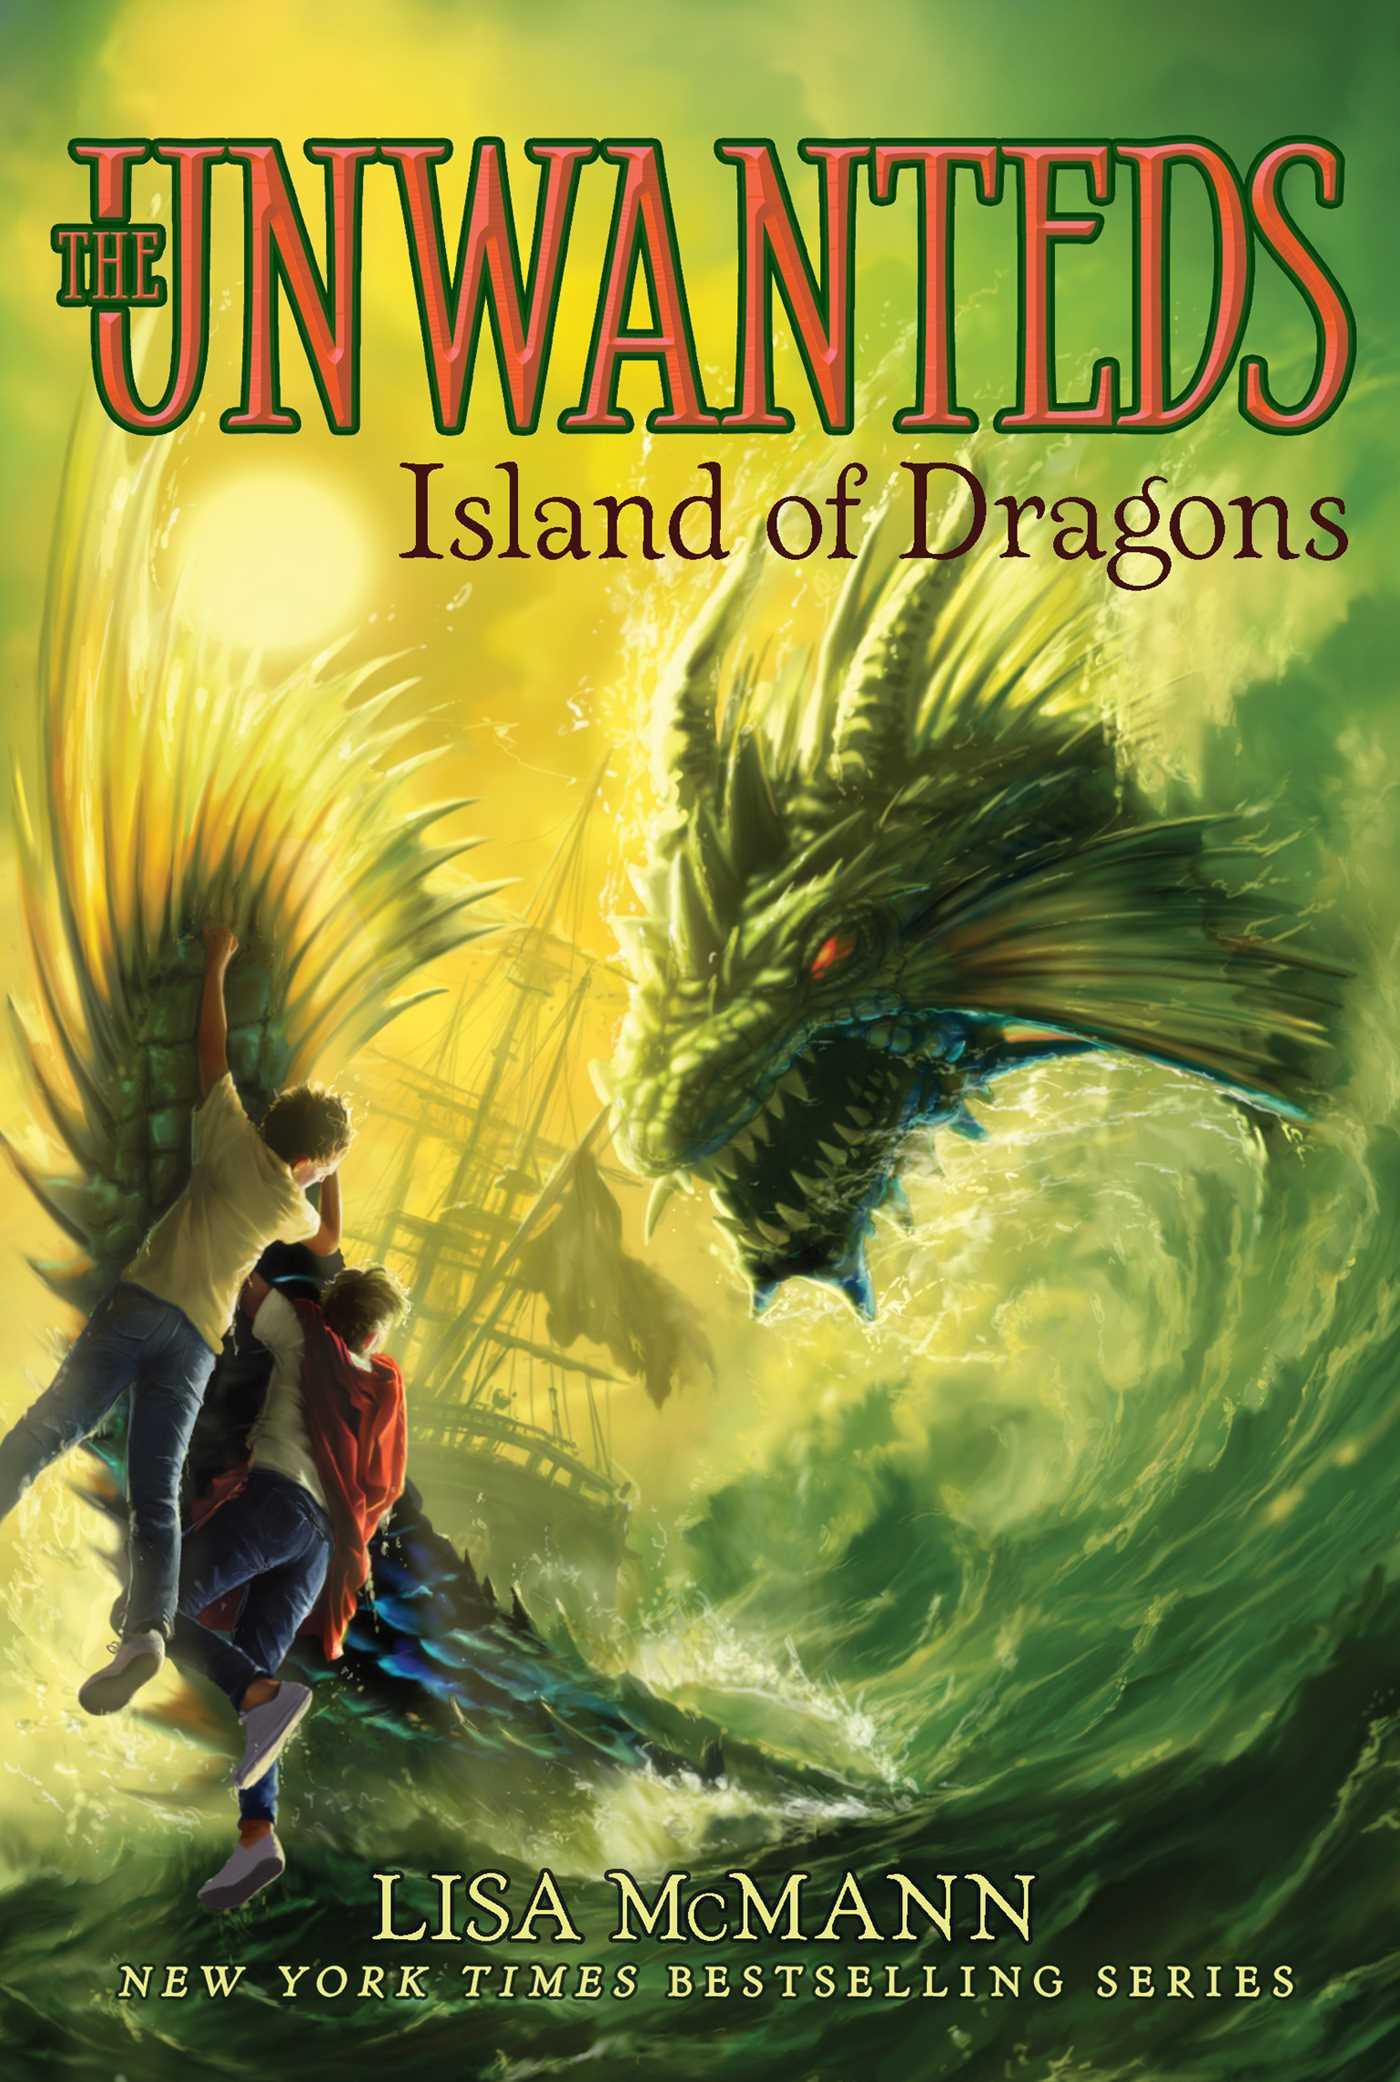 Island of dragons 9781442493391 hr